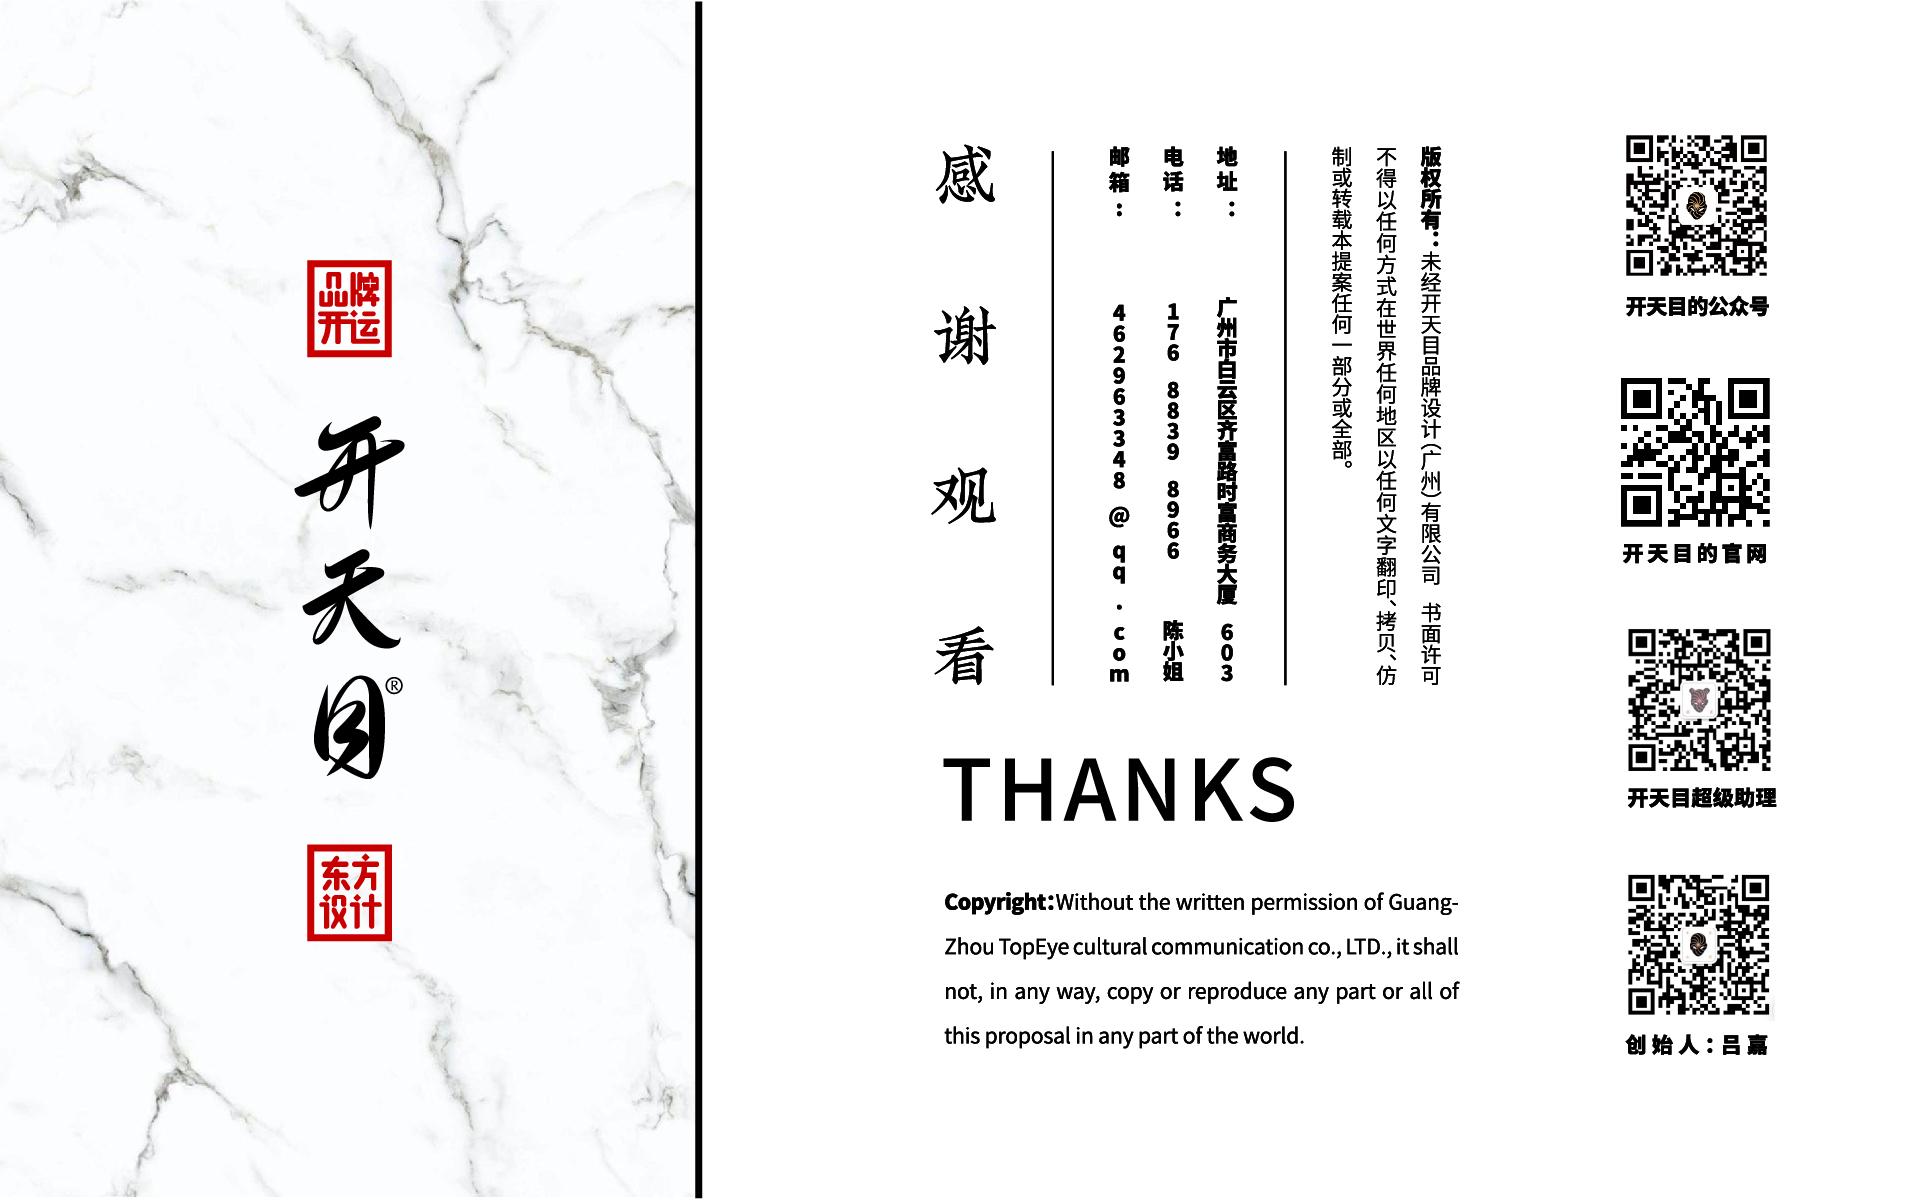 中国风男性化妆品护肤国潮品牌策划设计